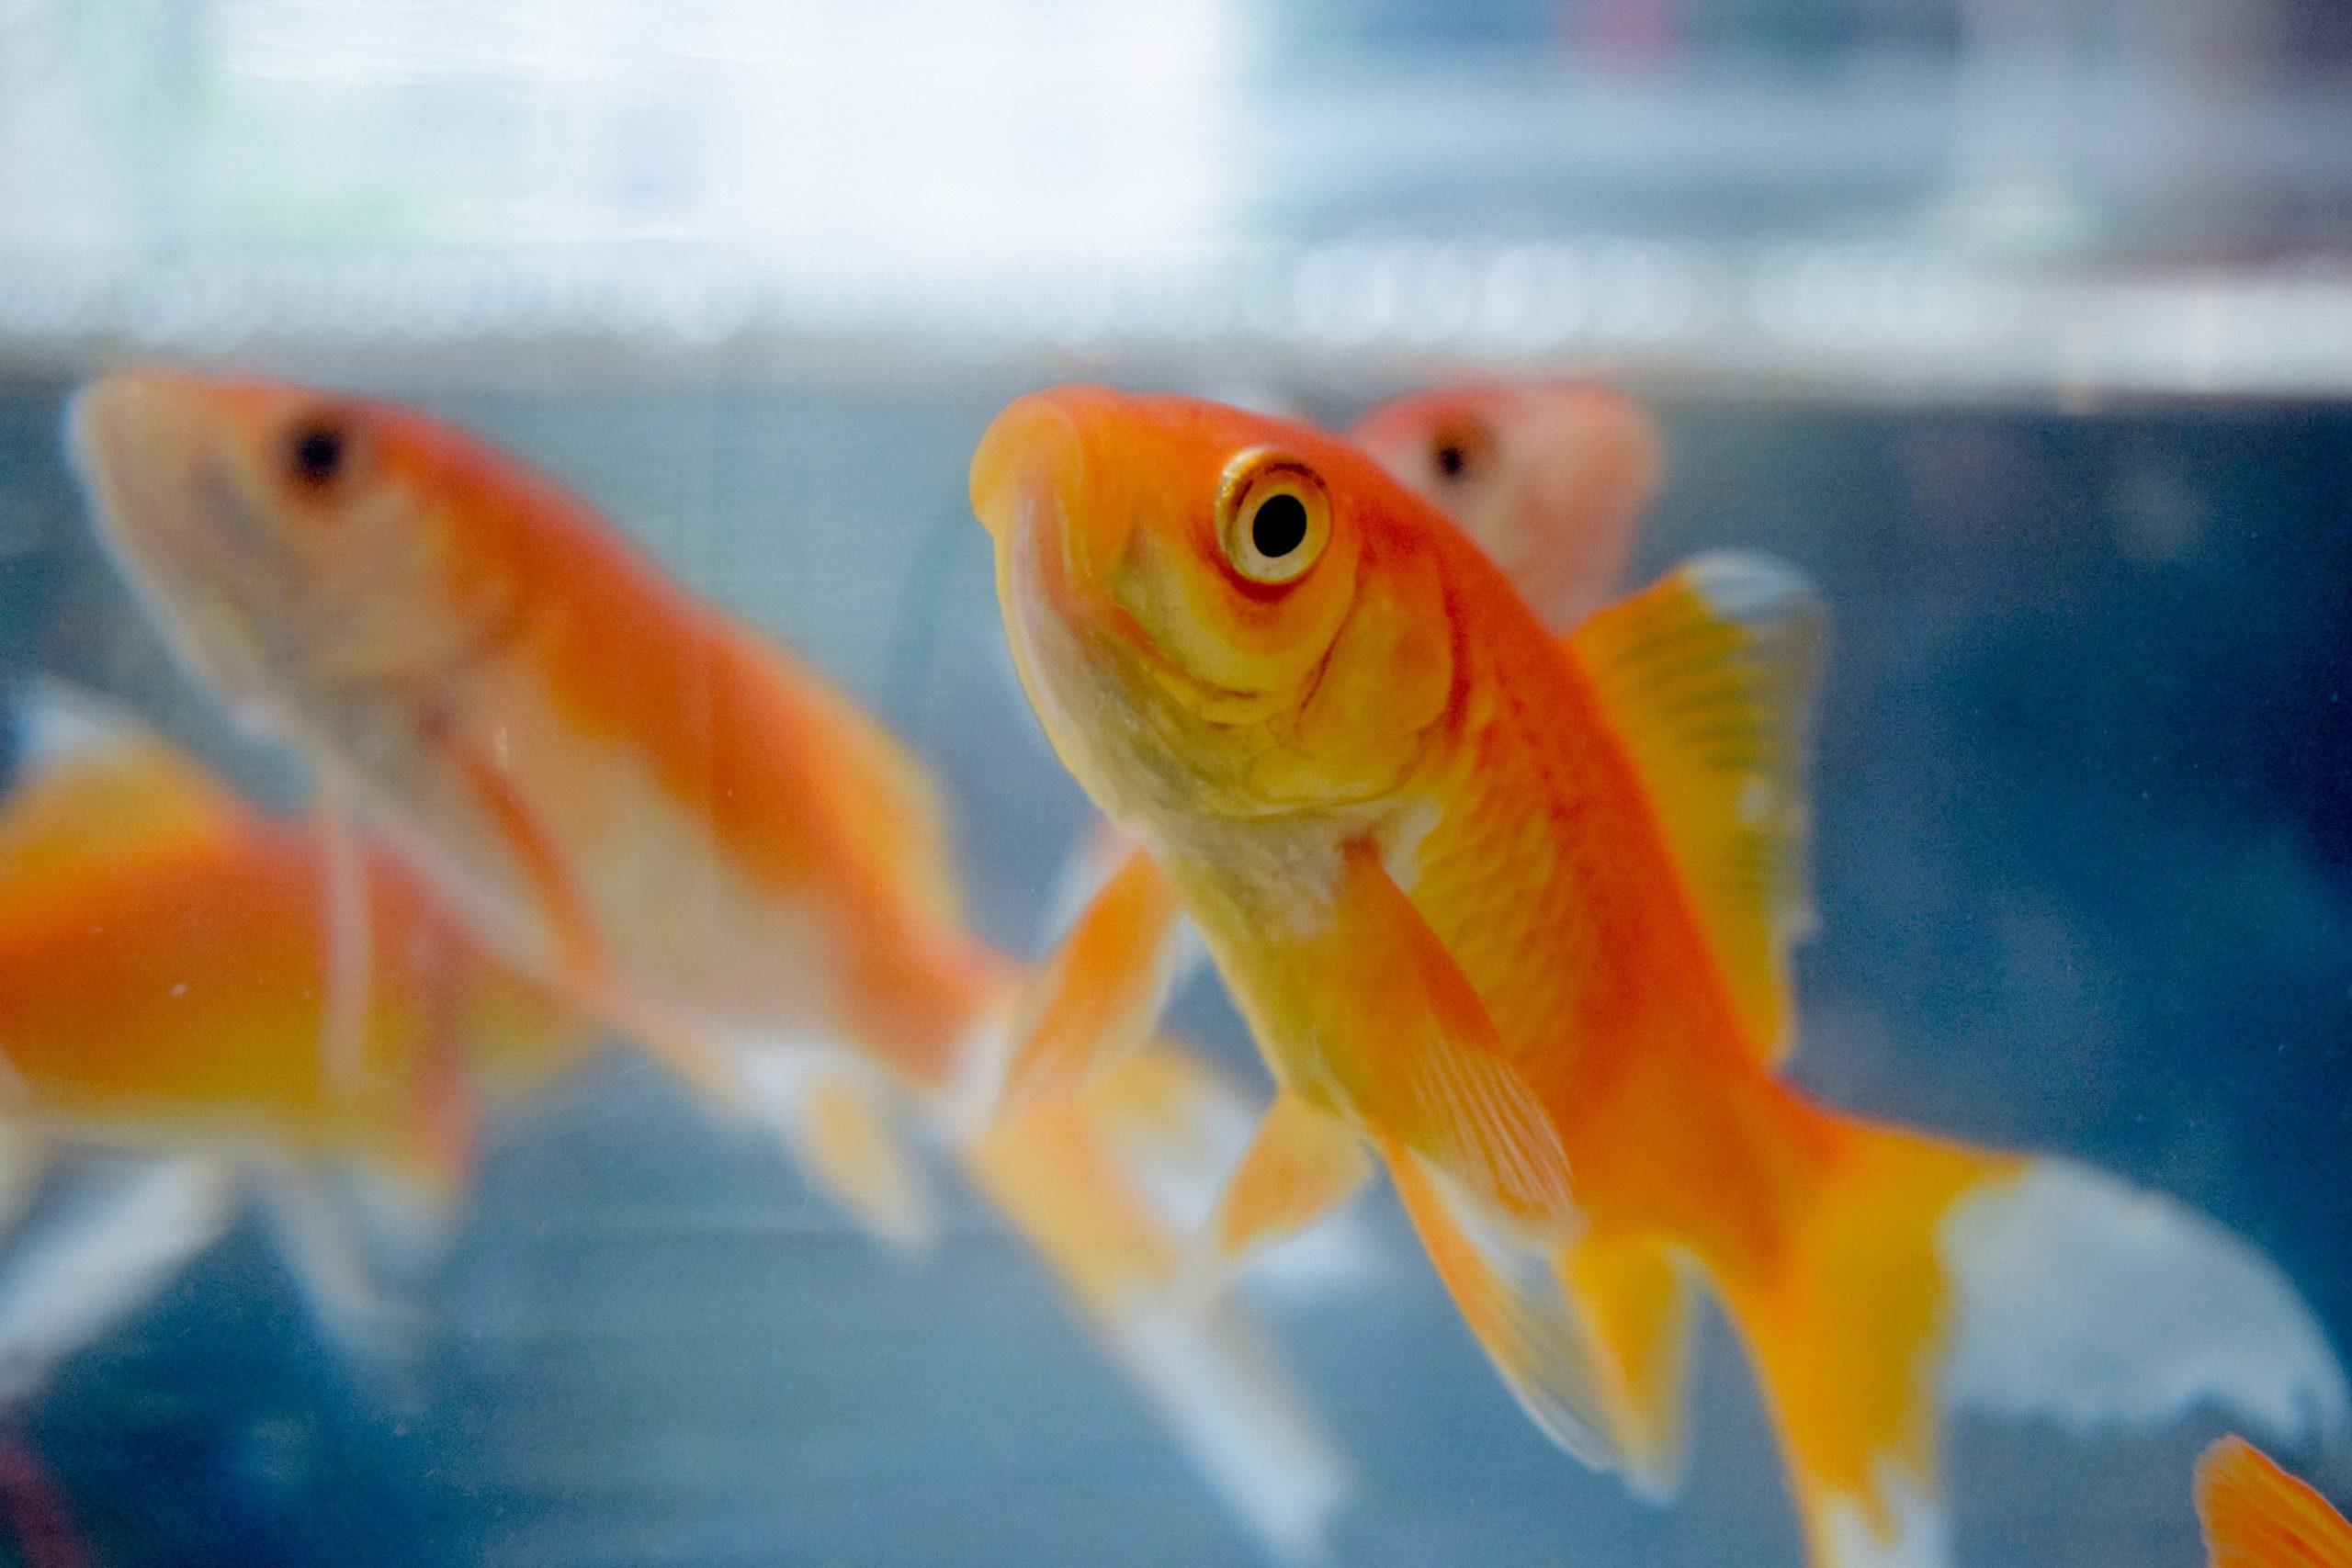 Goldfish reflection on glass